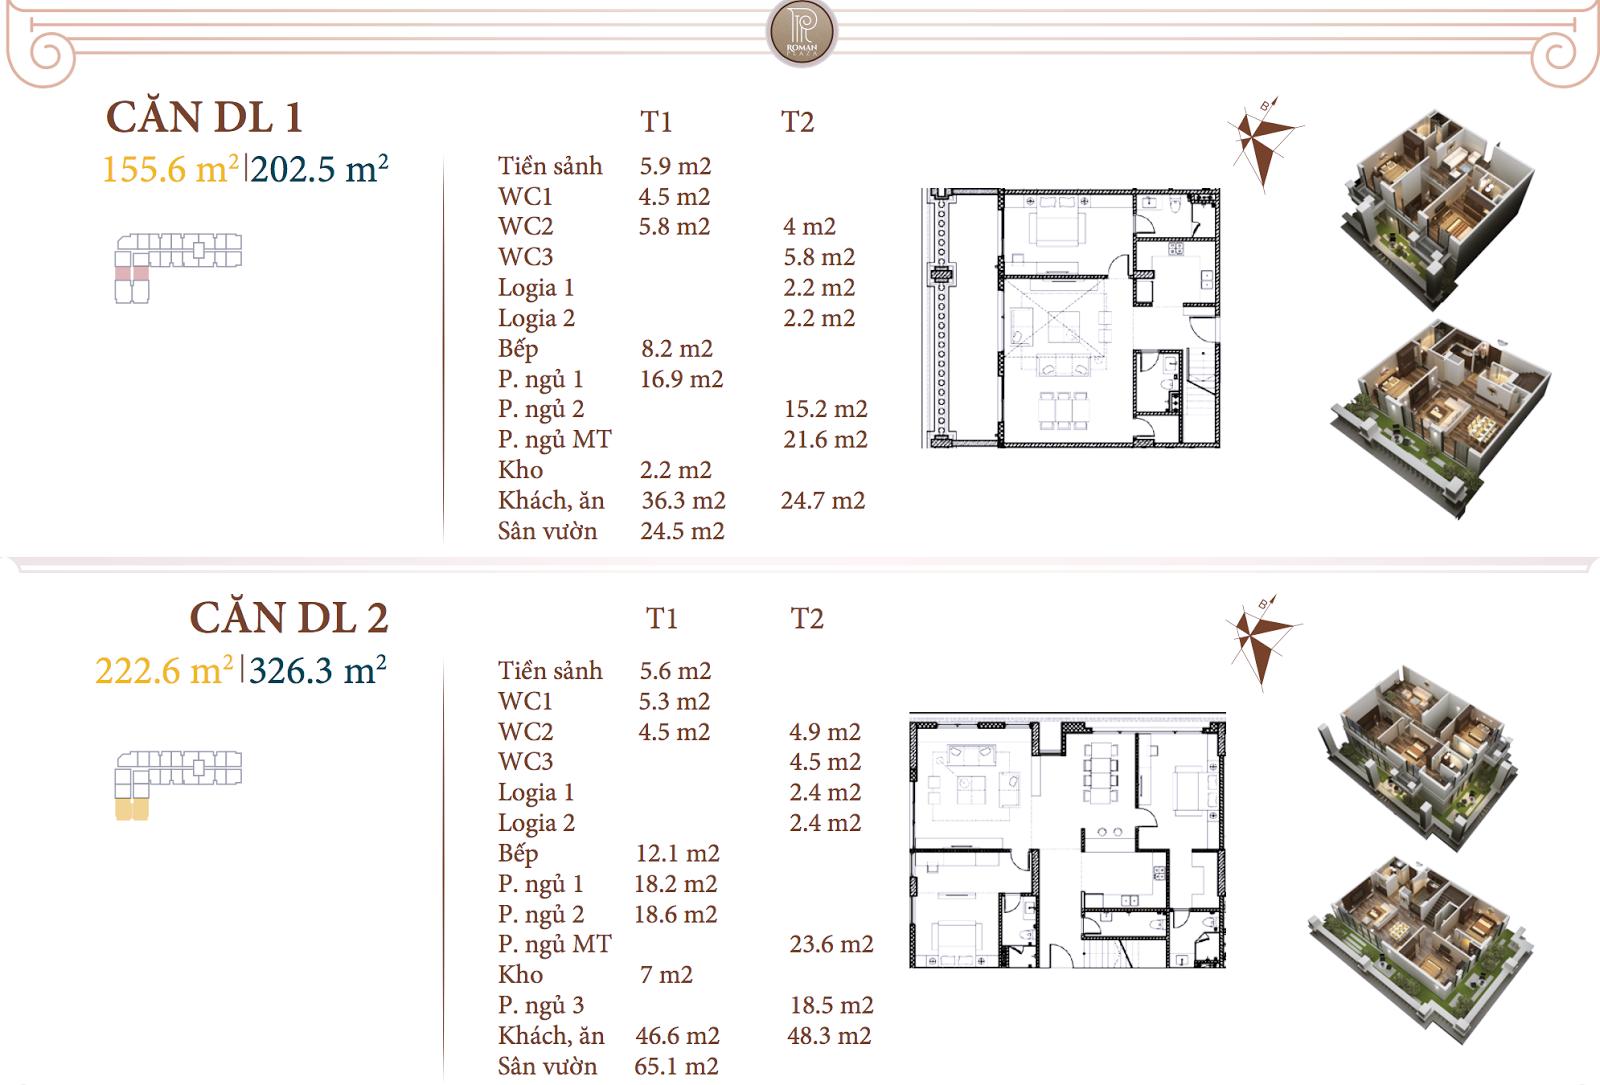 Chi tiết căn hộ DL1 - DL2 dự án Roman Hải Phát